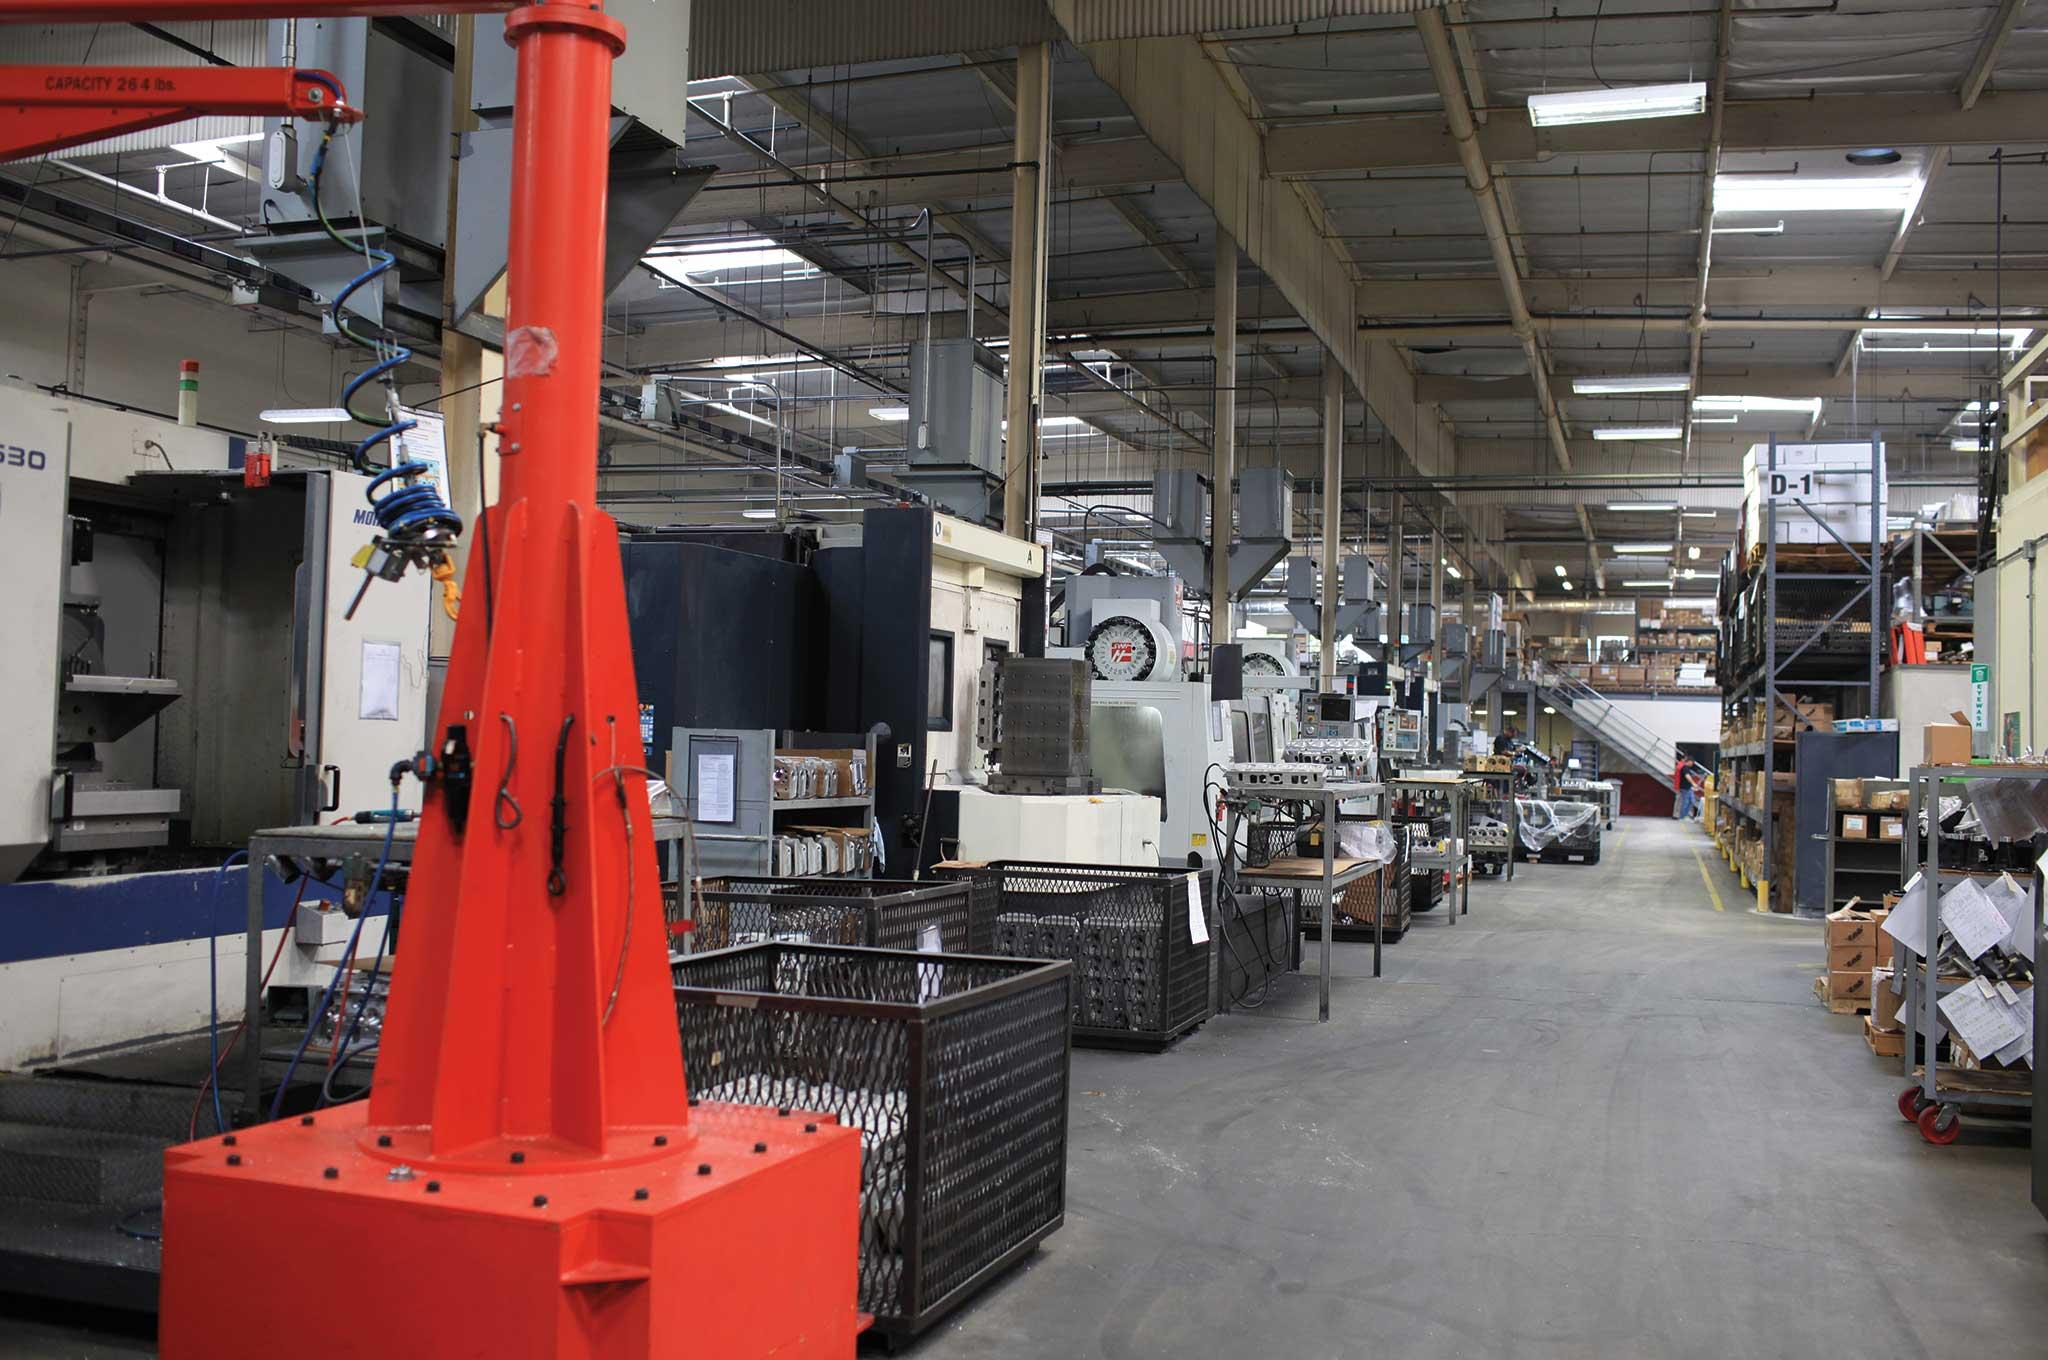 edelbrock facility tour edelbrock facility 017